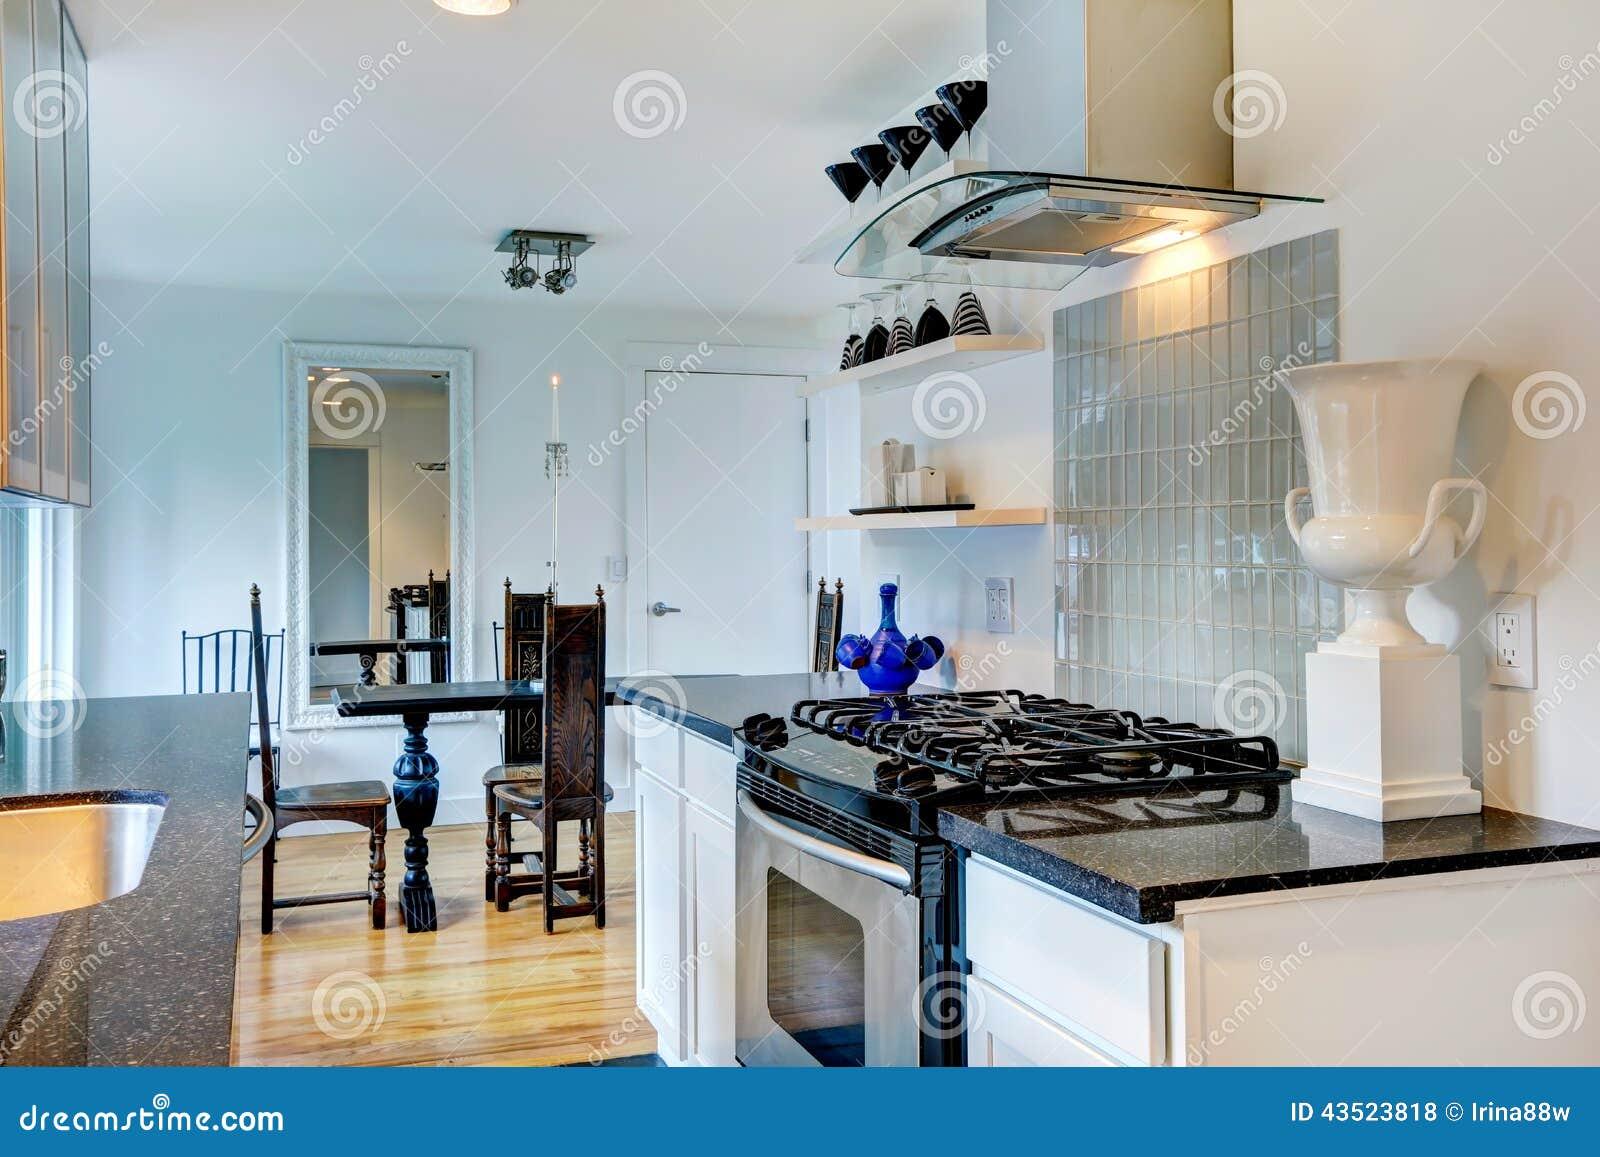 Tablas de madera ikea amazing novedades en cocinas de - Tabla cocina ikea ...